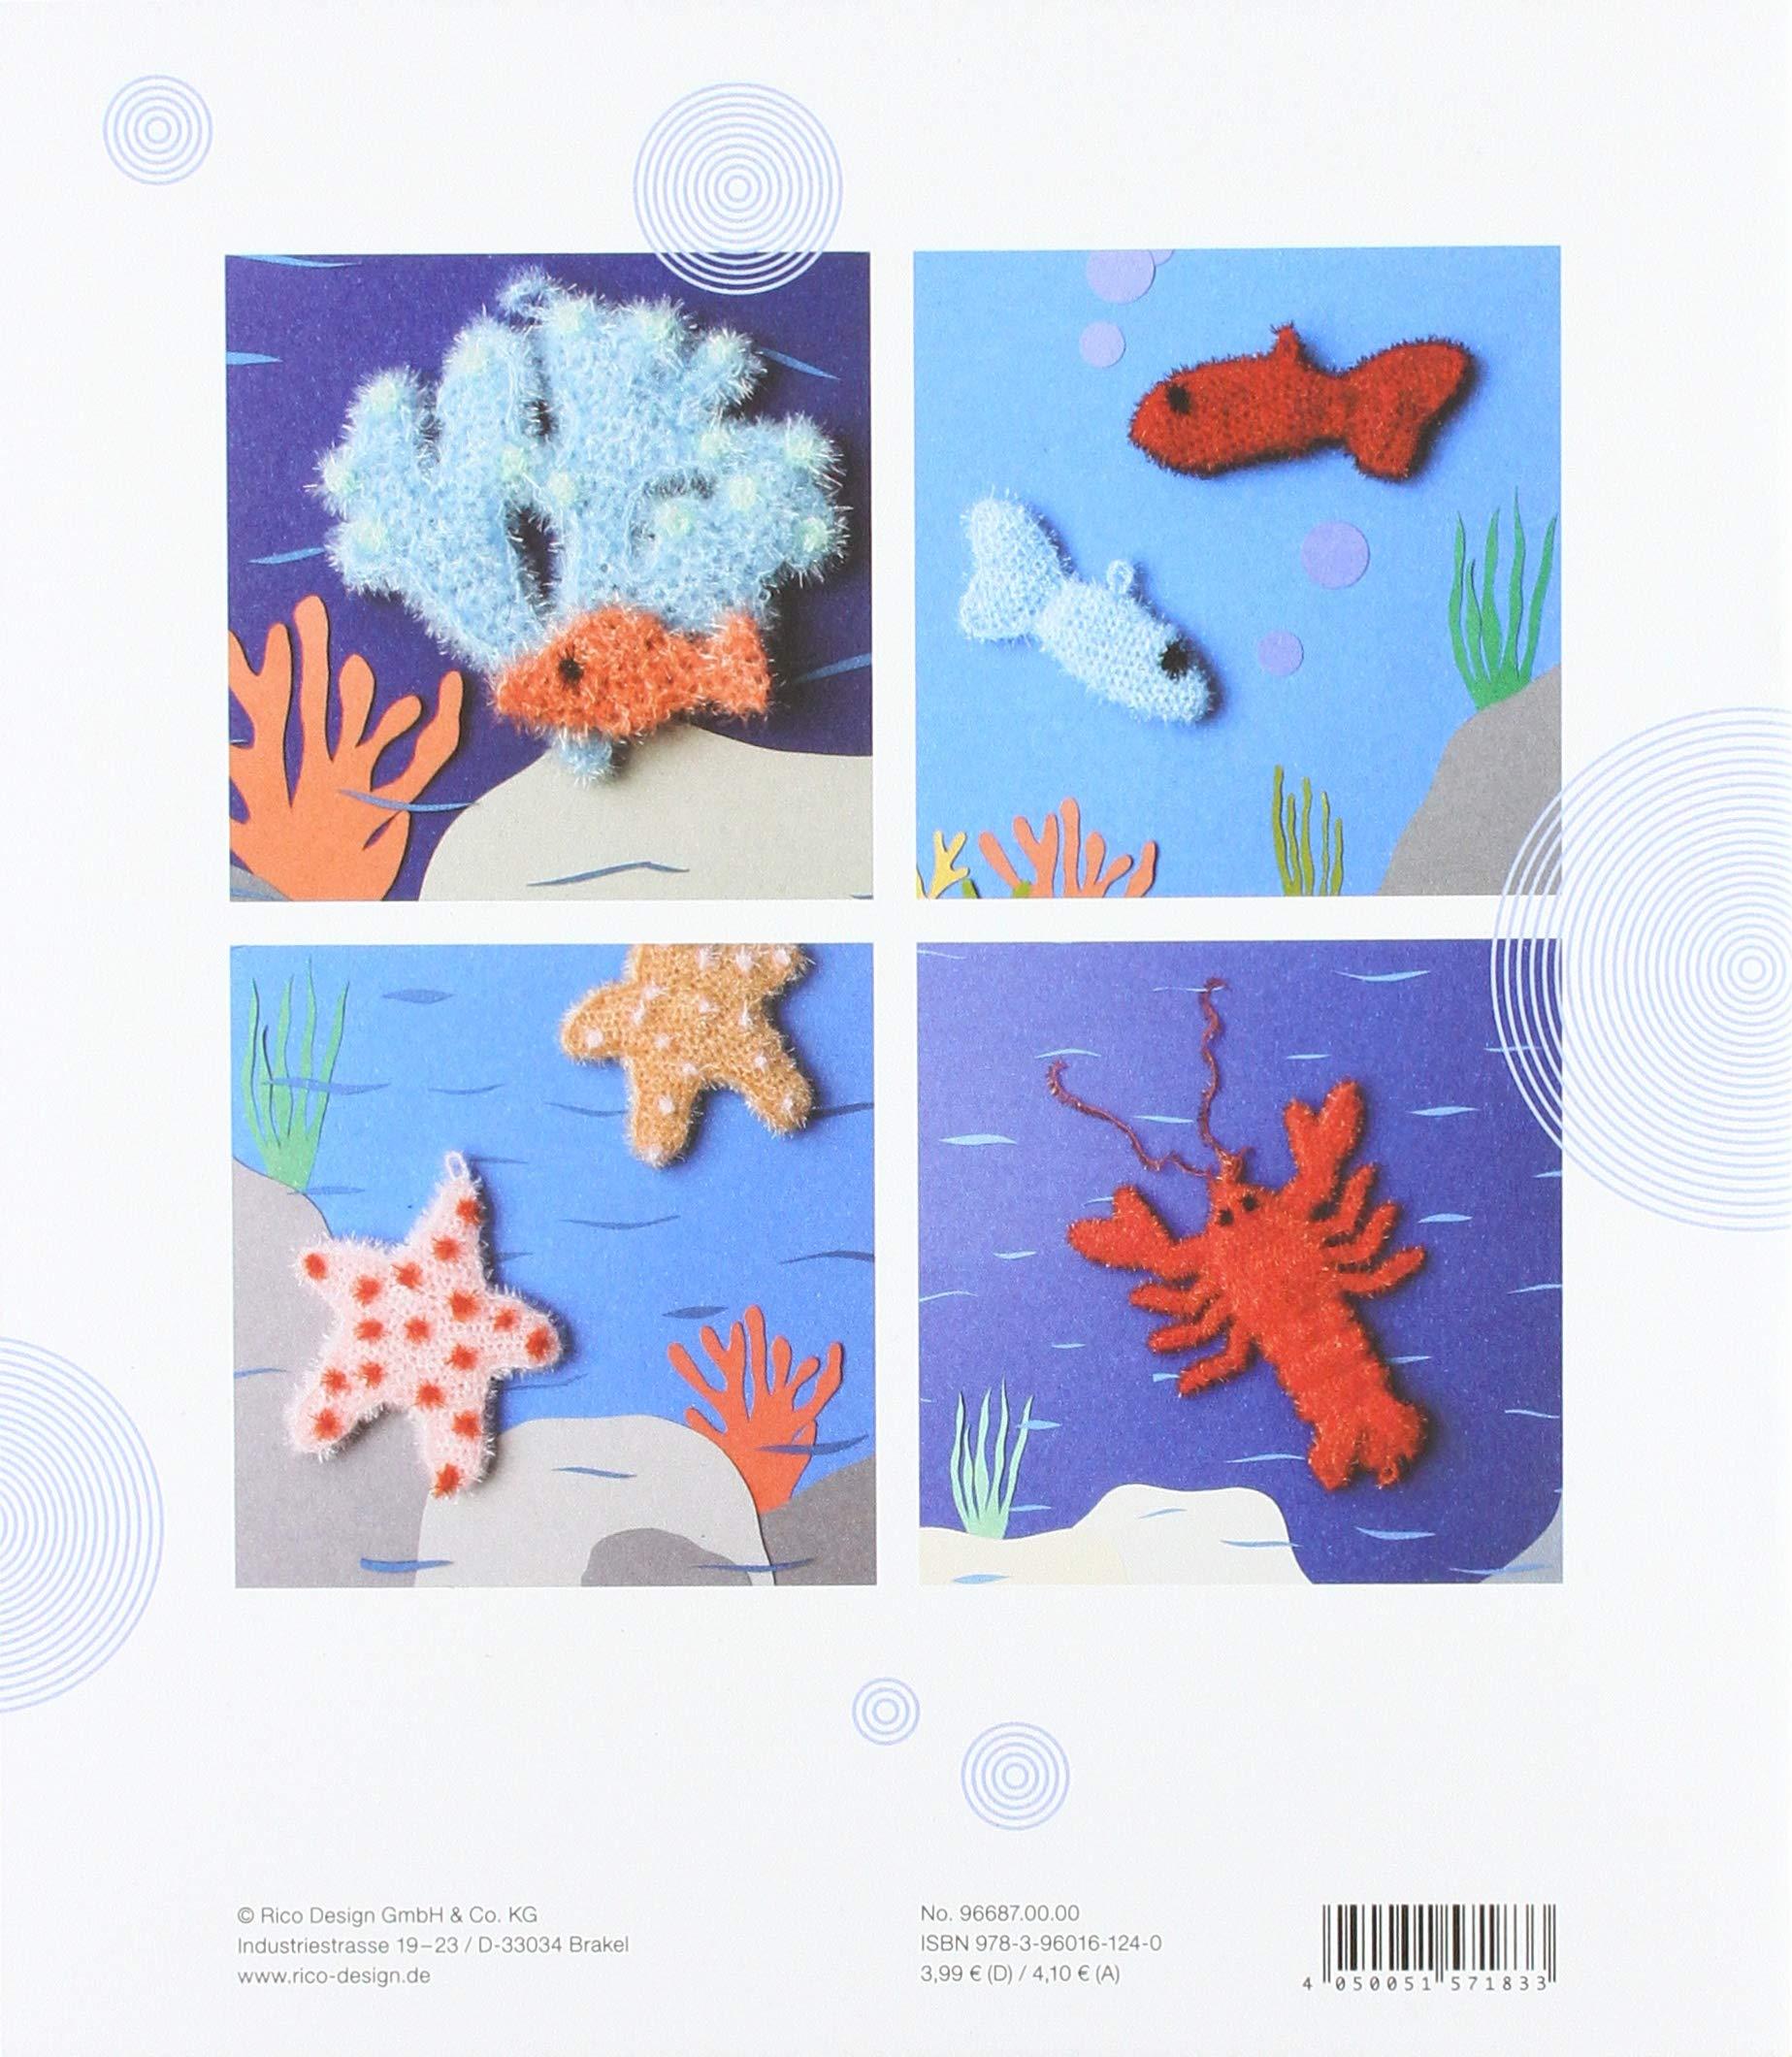 Rico Design Neuheit 2018!! Creative Bubble Beyond The Sea Deutsche Ausgabe Lustige Sp/ülschw/ämme H/äkeln